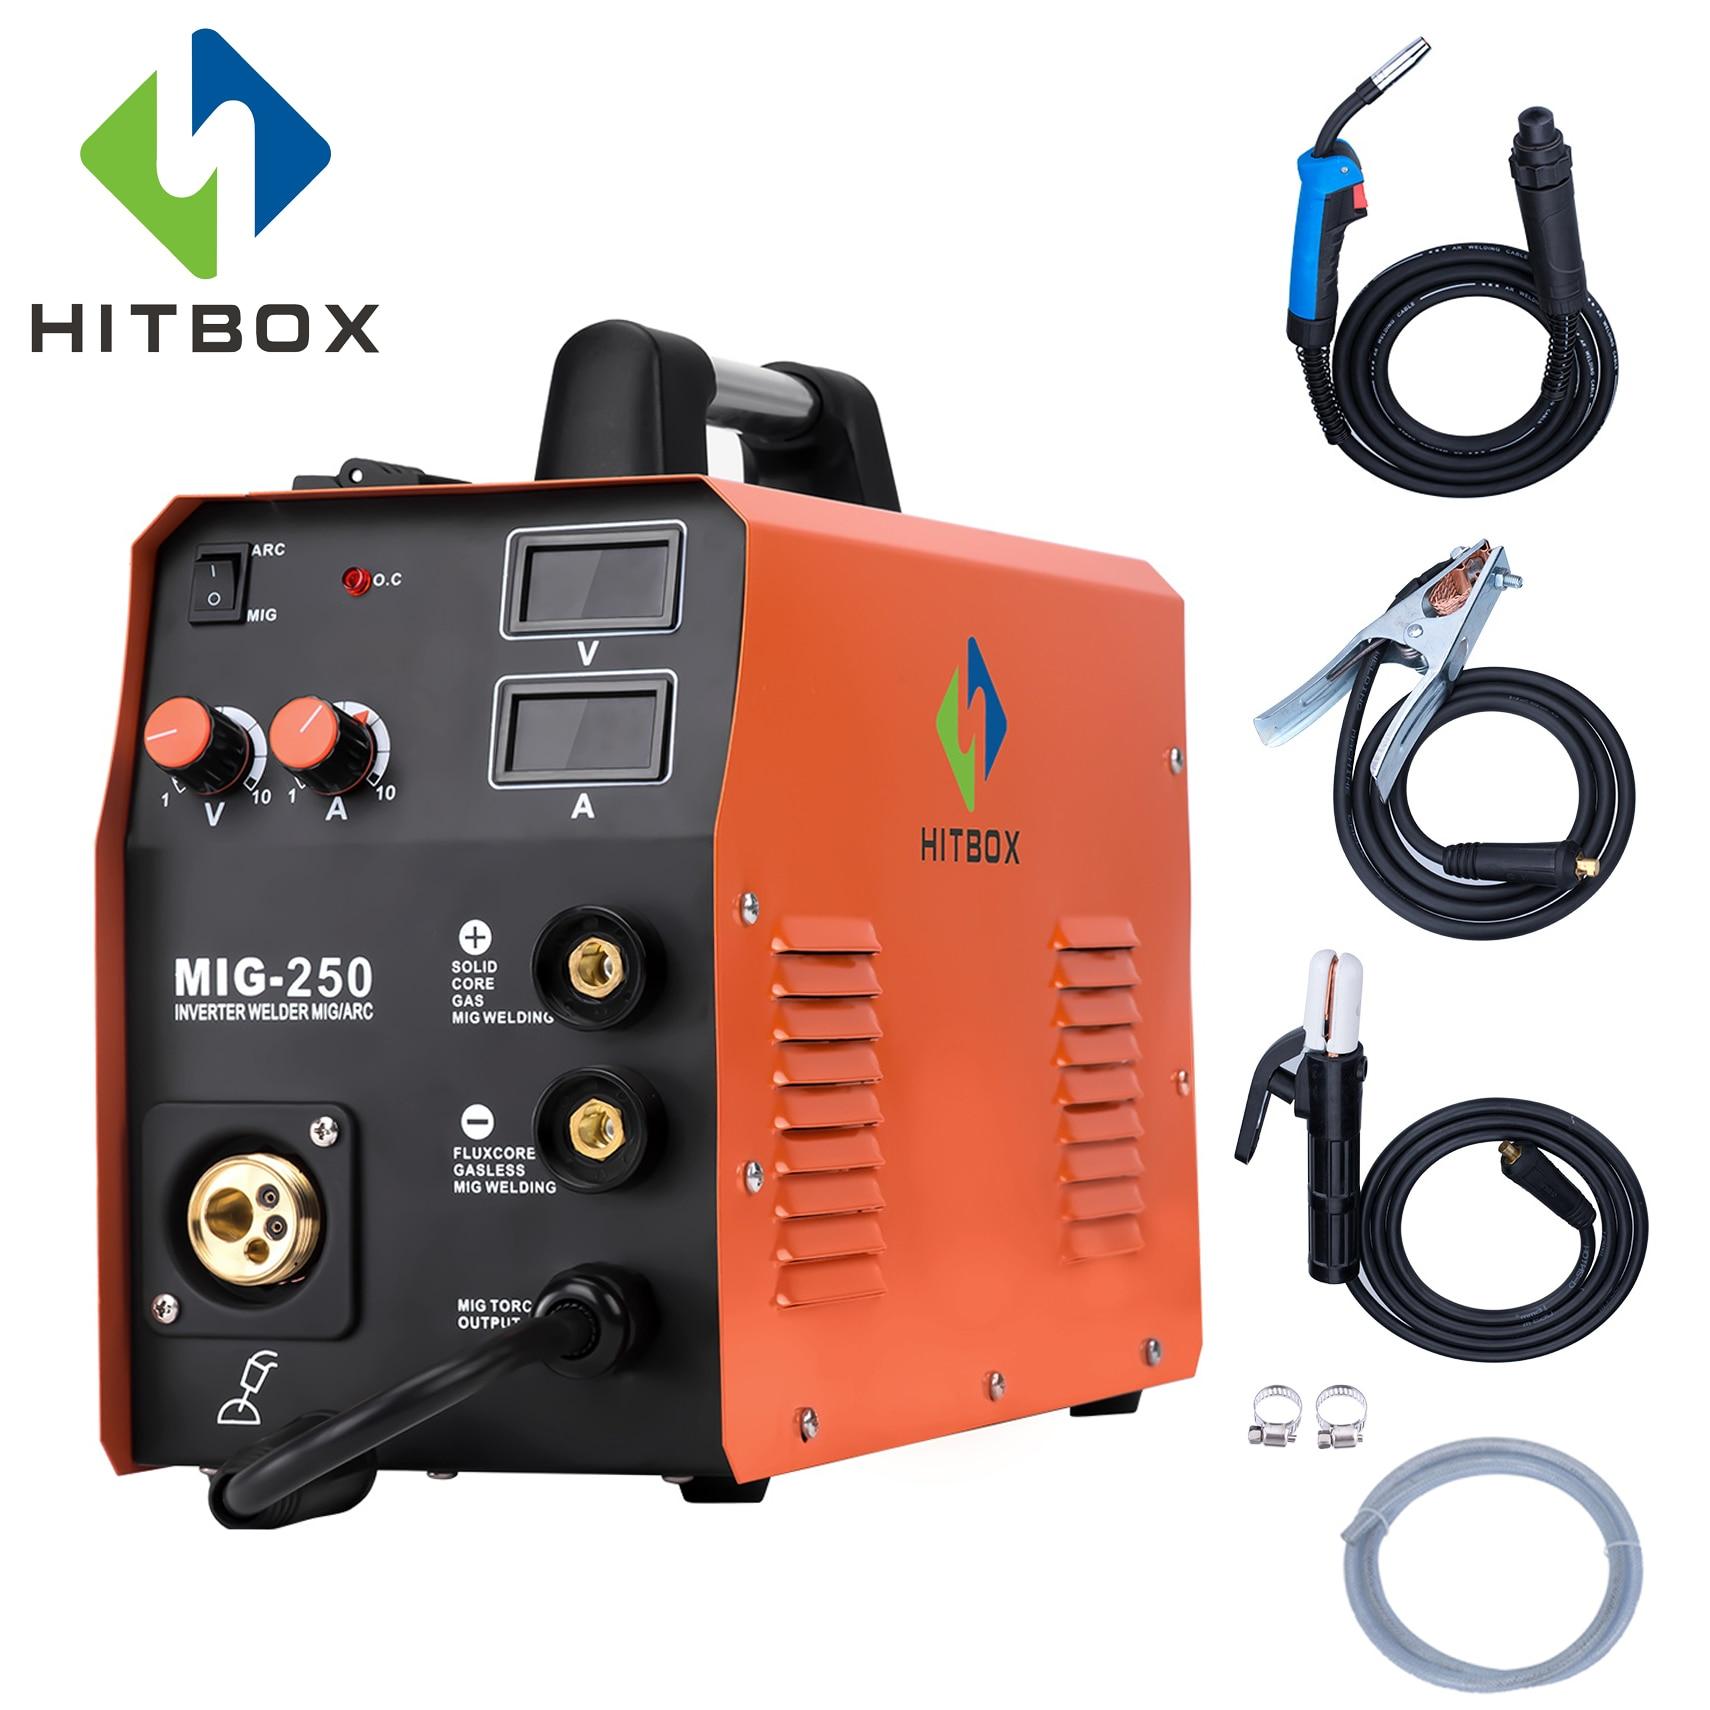 HITBOX MIG250 Multi-Função de Soldador Mig MIG TIG ARC Soldador de Gás Máquina De Solda Mig Sem Gás 220 V Casa uso Da Máquina De Fábrica